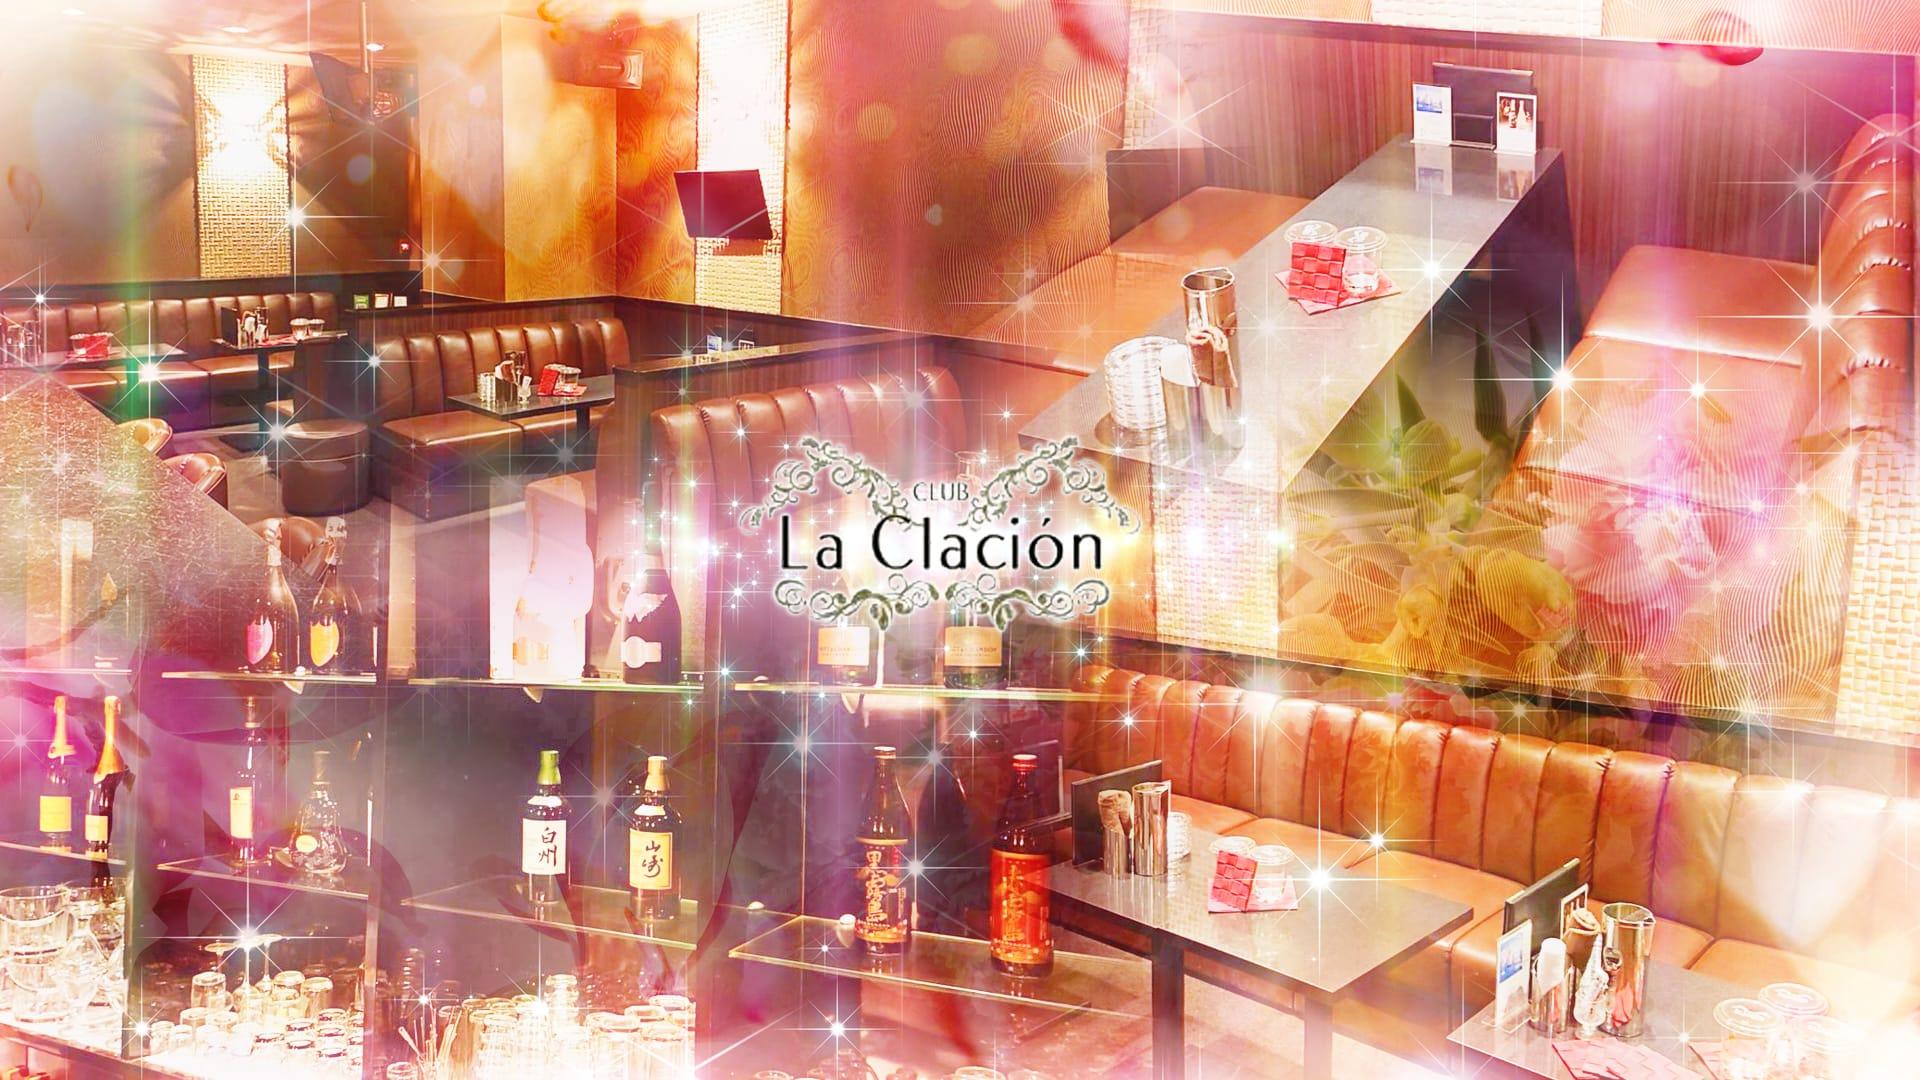 La Clacion(ラクラシオン) 古町キャバクラ TOP画像